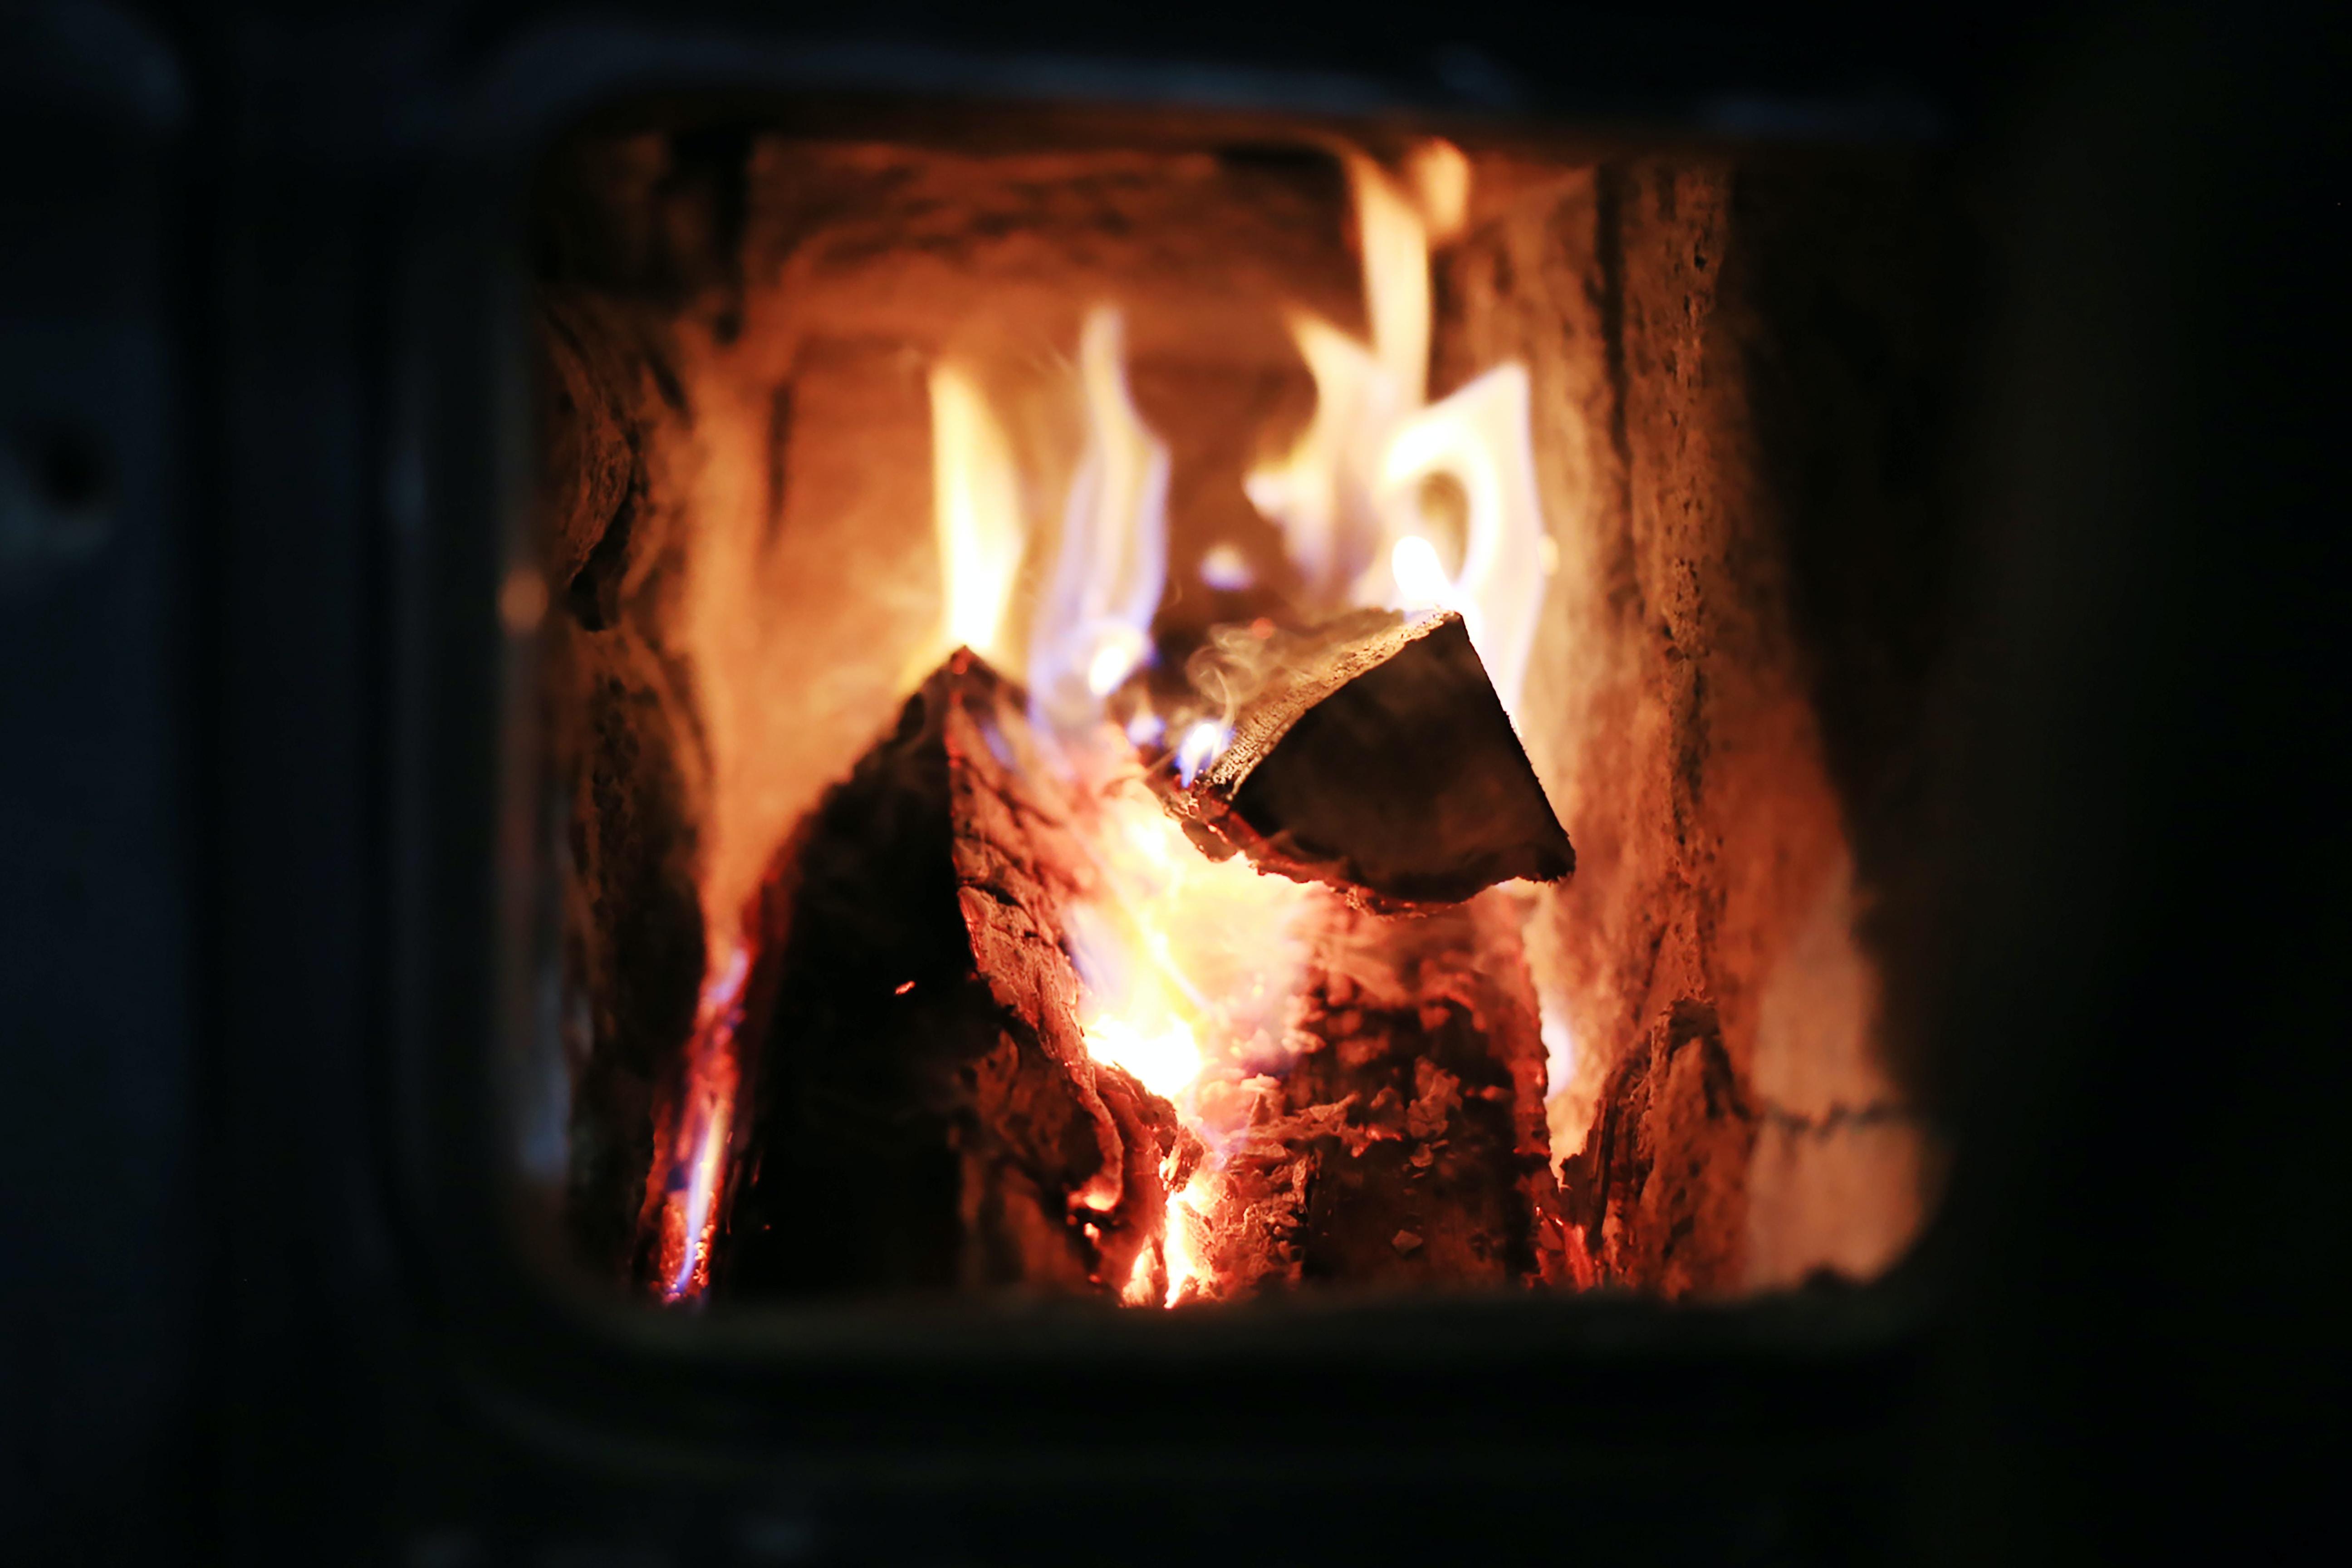 Logs burn in a stone fireplace inside